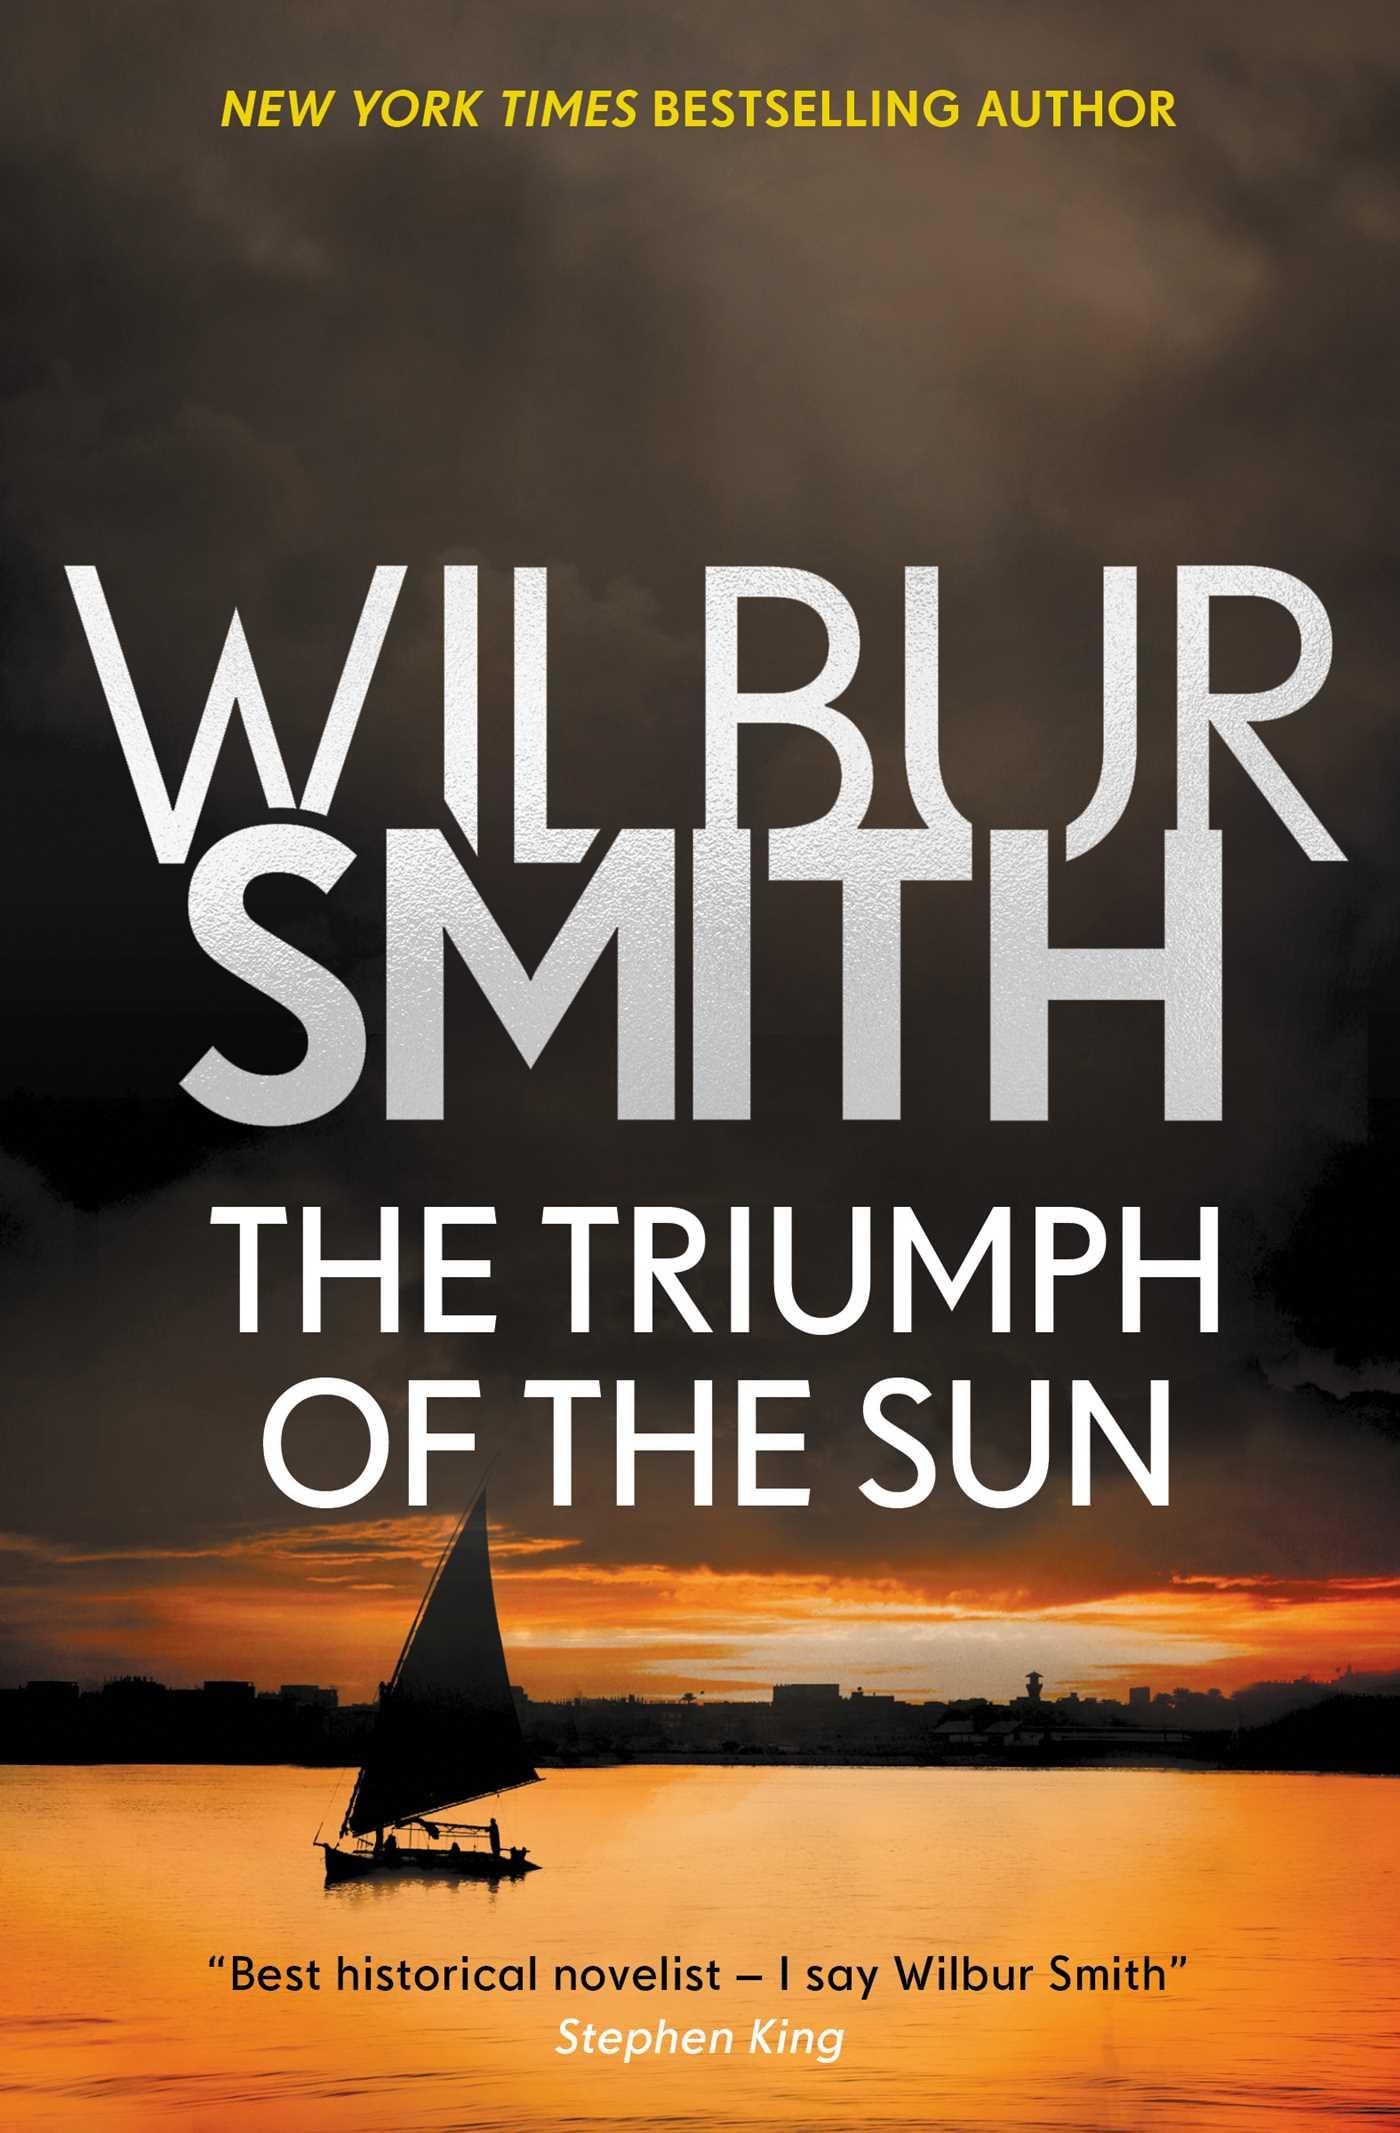 The triumph of the sun 9781499861044 hr